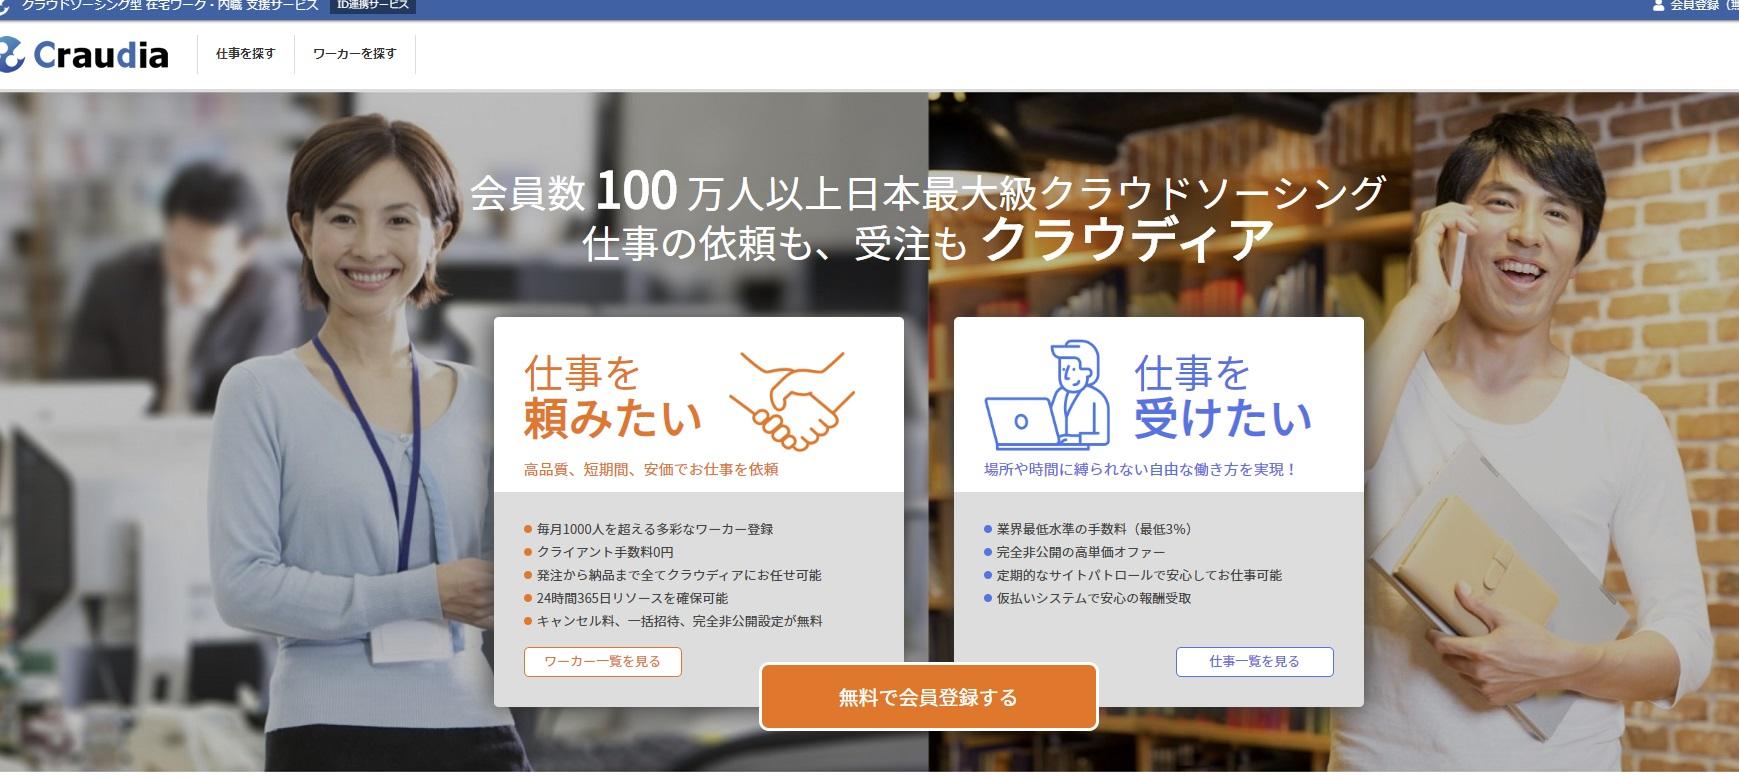 【コロナ禍の在宅副業】残業減5万円はクラウディアで稼ぐ!!主婦・会社員・フリータ